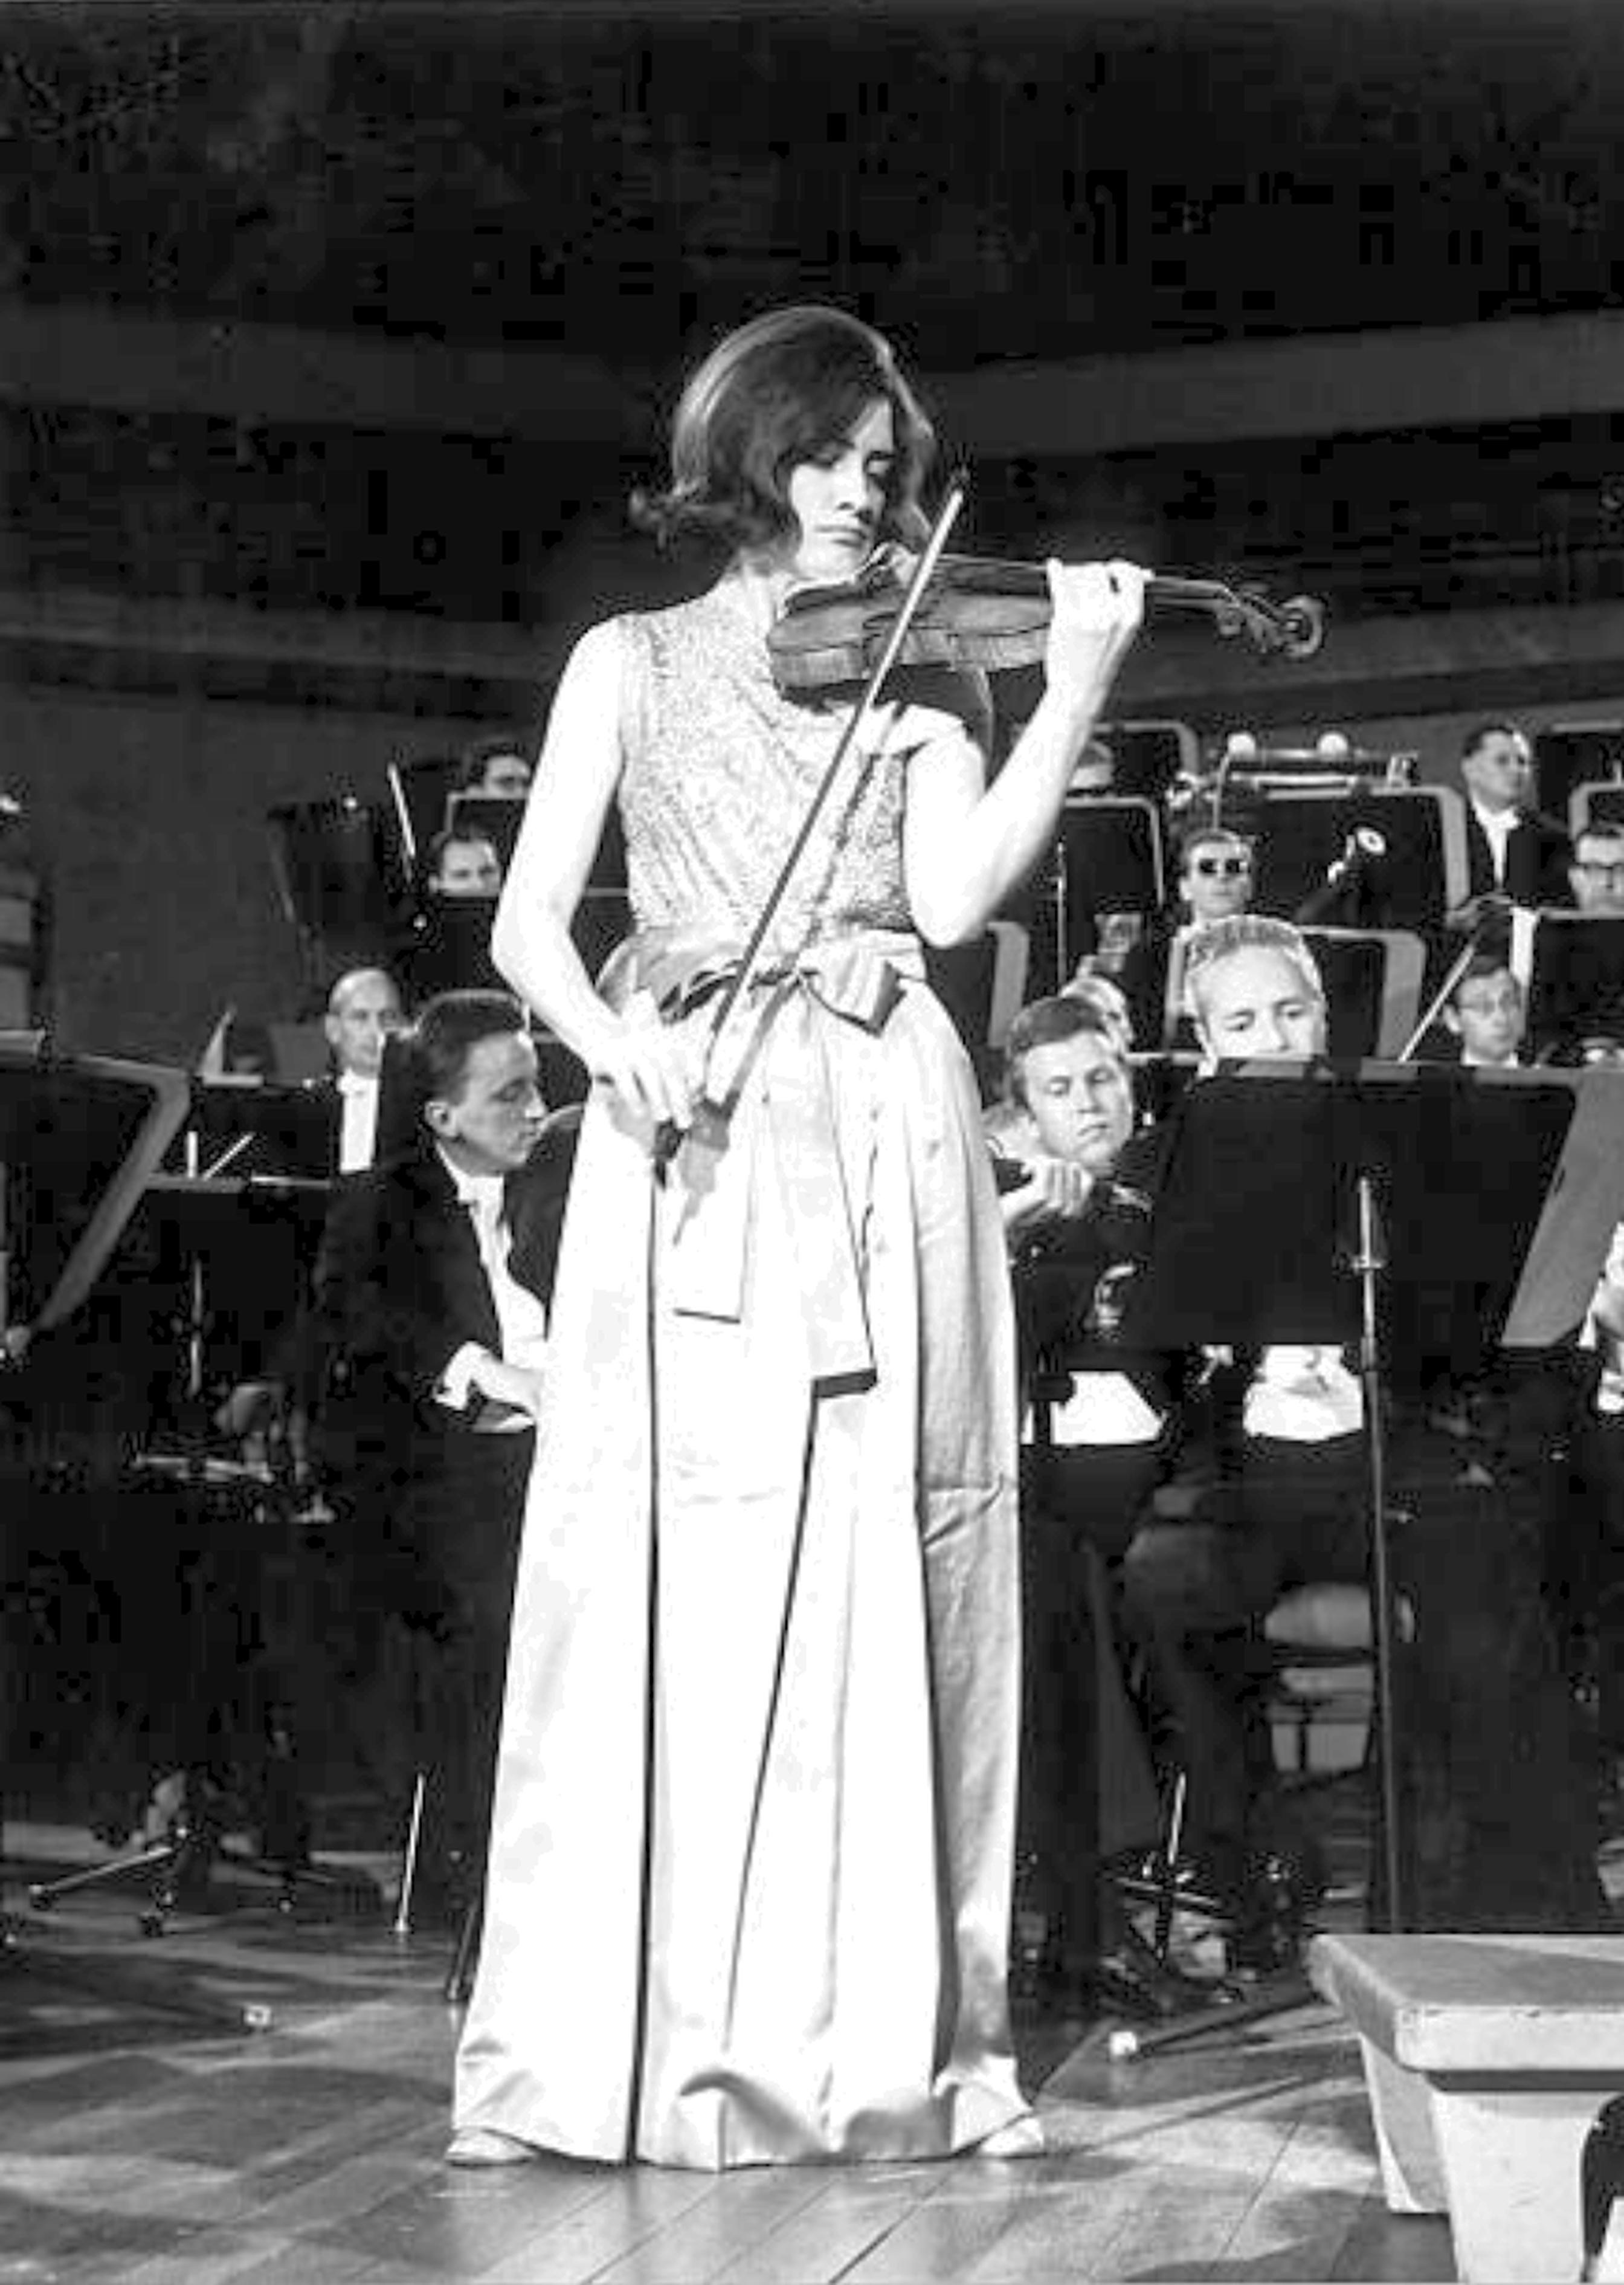 Edith PEINEMANN en 1968, Cliquer sur la photo pour une vue agrandie et les références